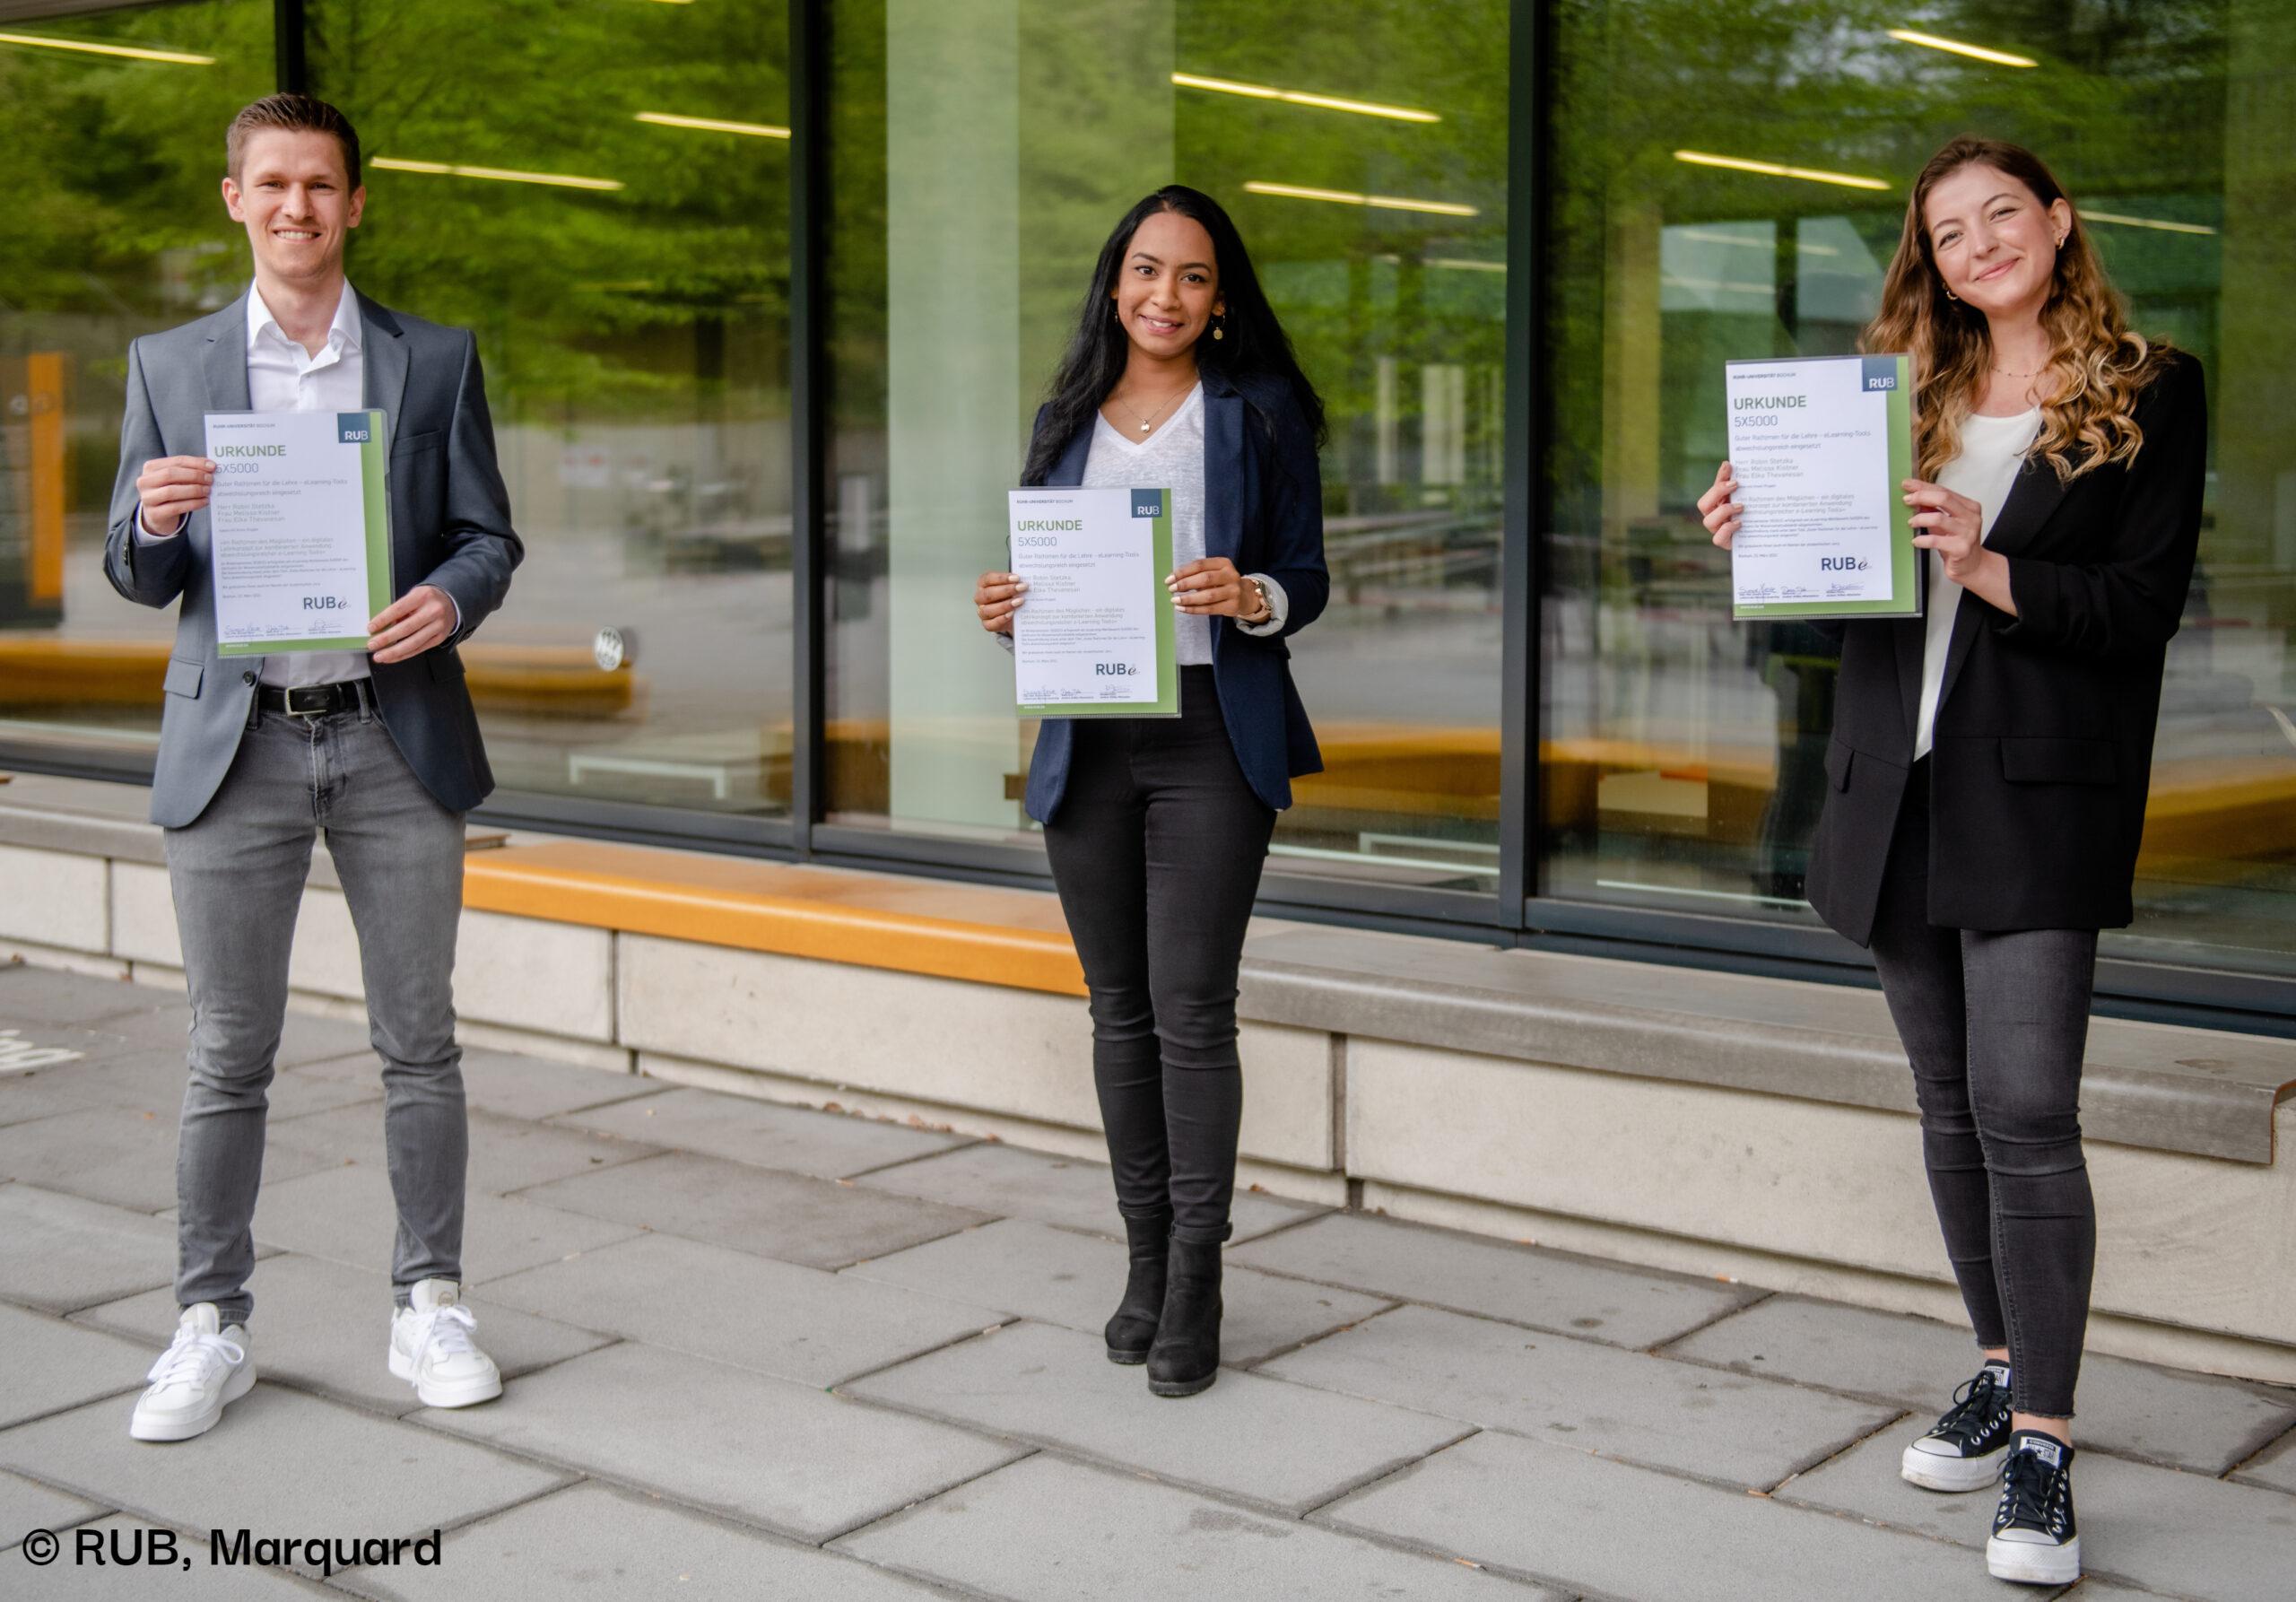 Das HRM-Lehrstuhlteam gewinnt den RUB eLearning Wettbewerb